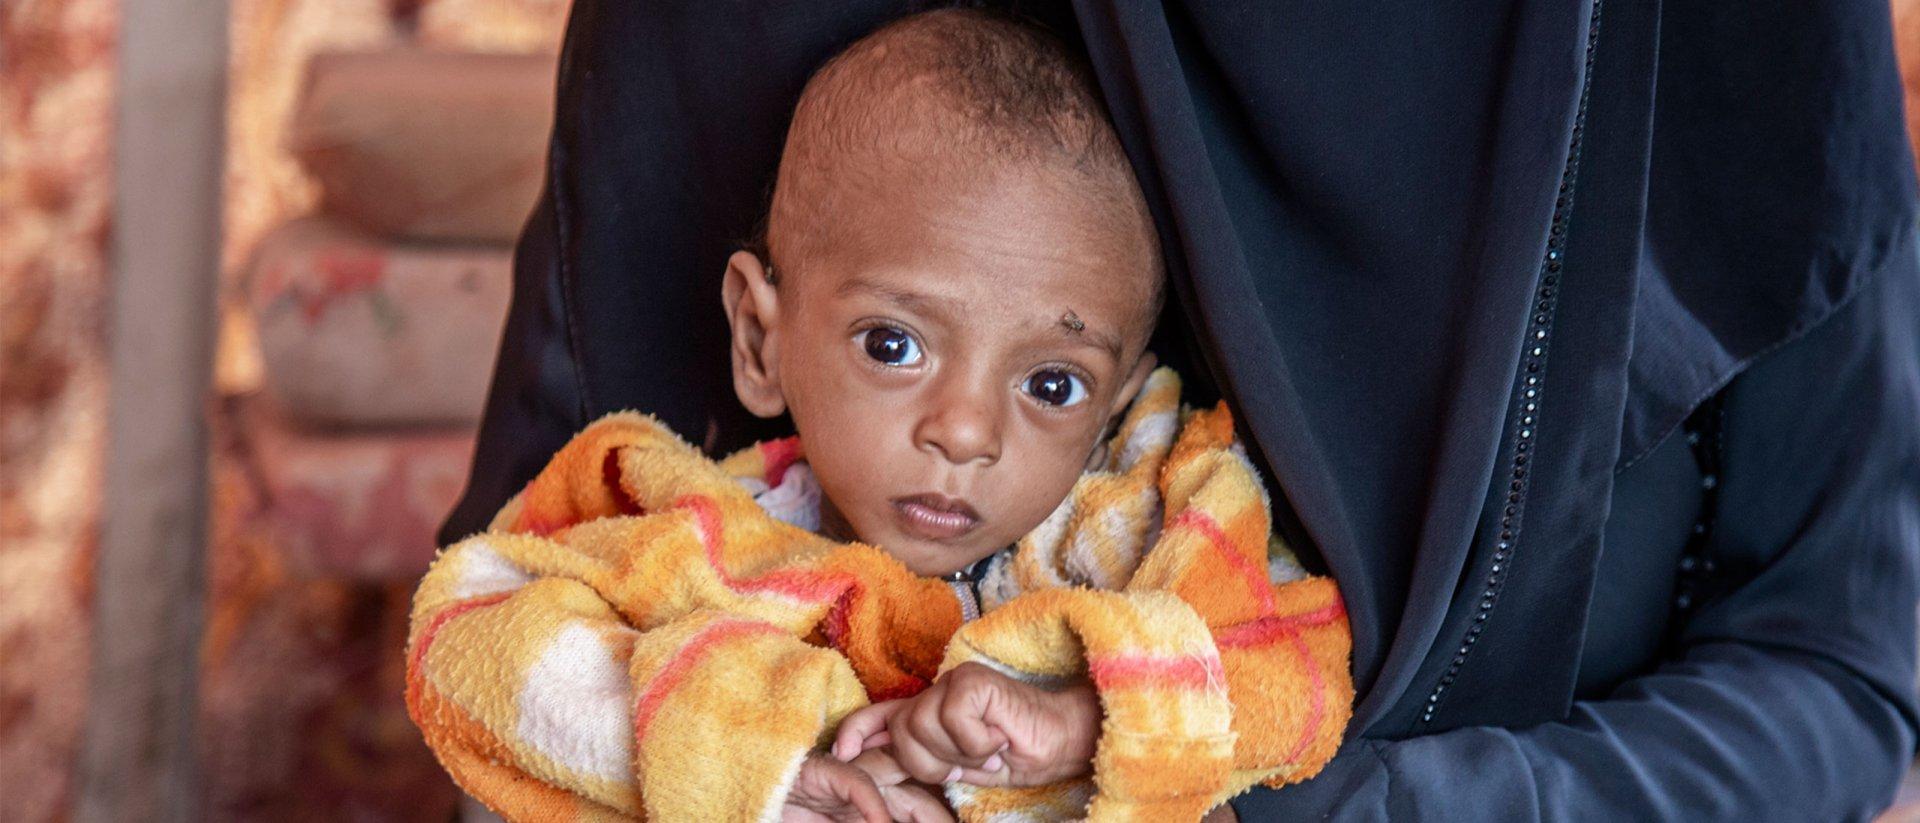 Nabil vino con 8 meses, sufría desnutrición aguda severa